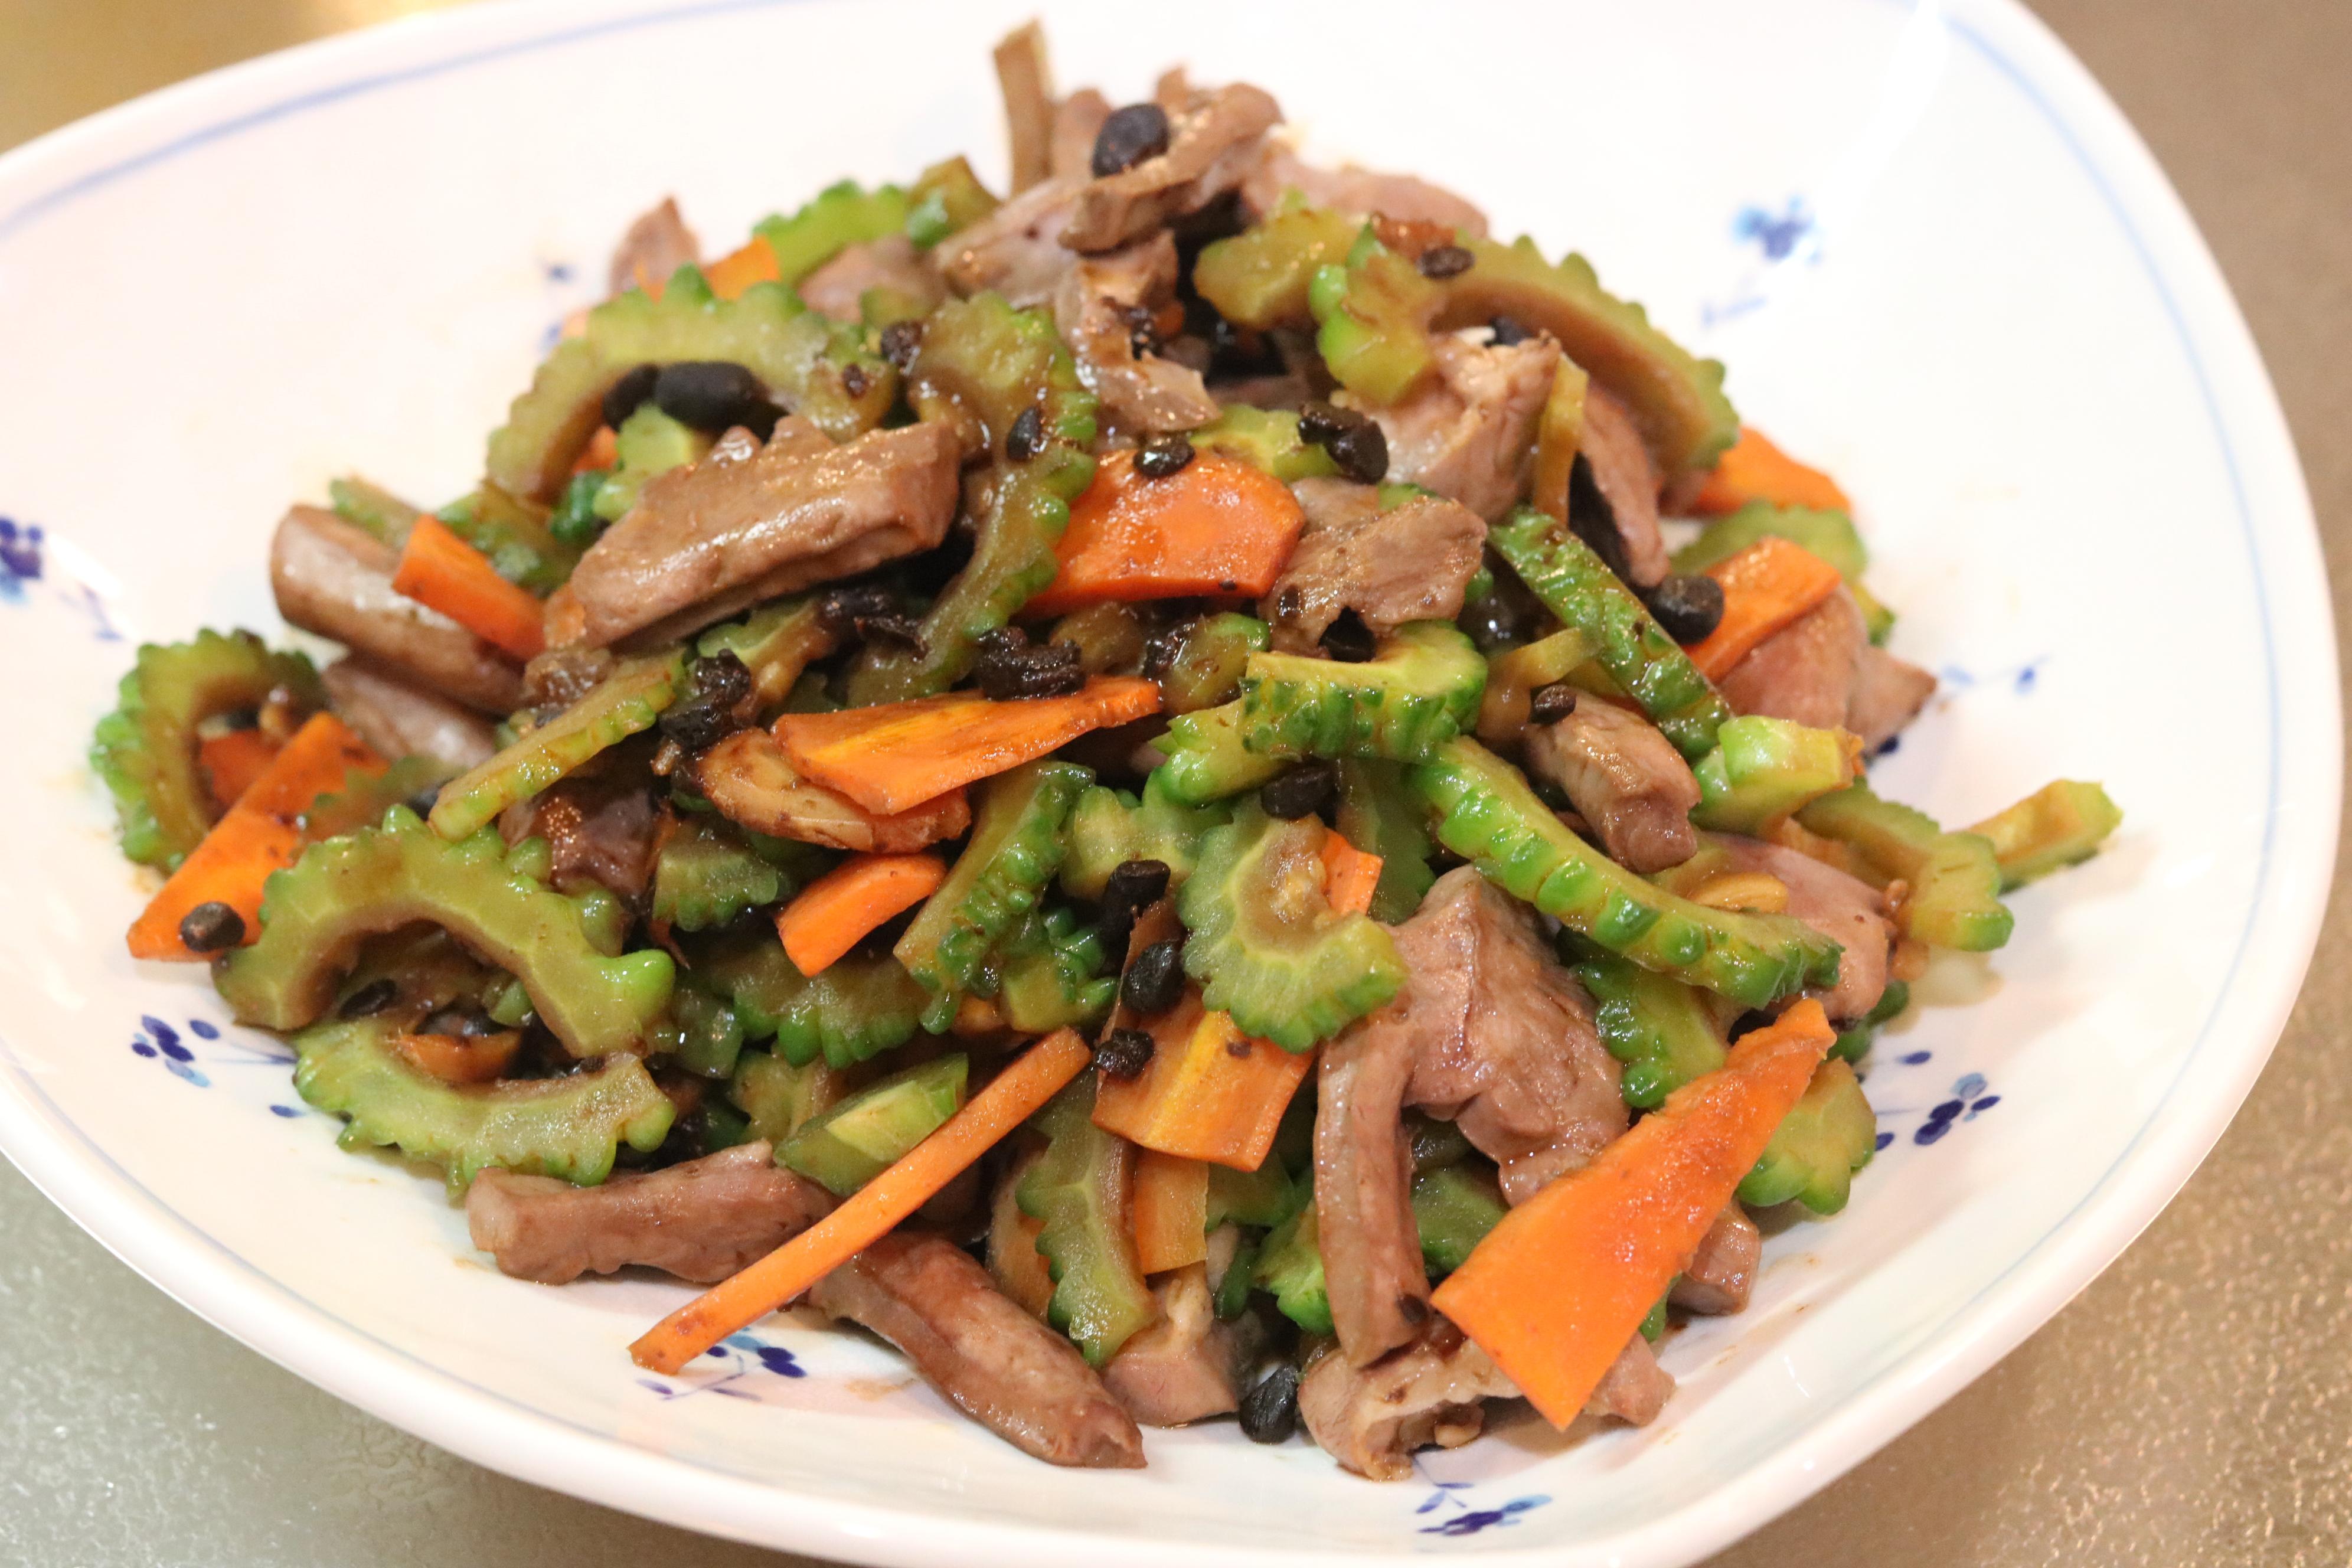 夏の季節薬膳「苦瓜と豚ハツの豆鼓炒め」